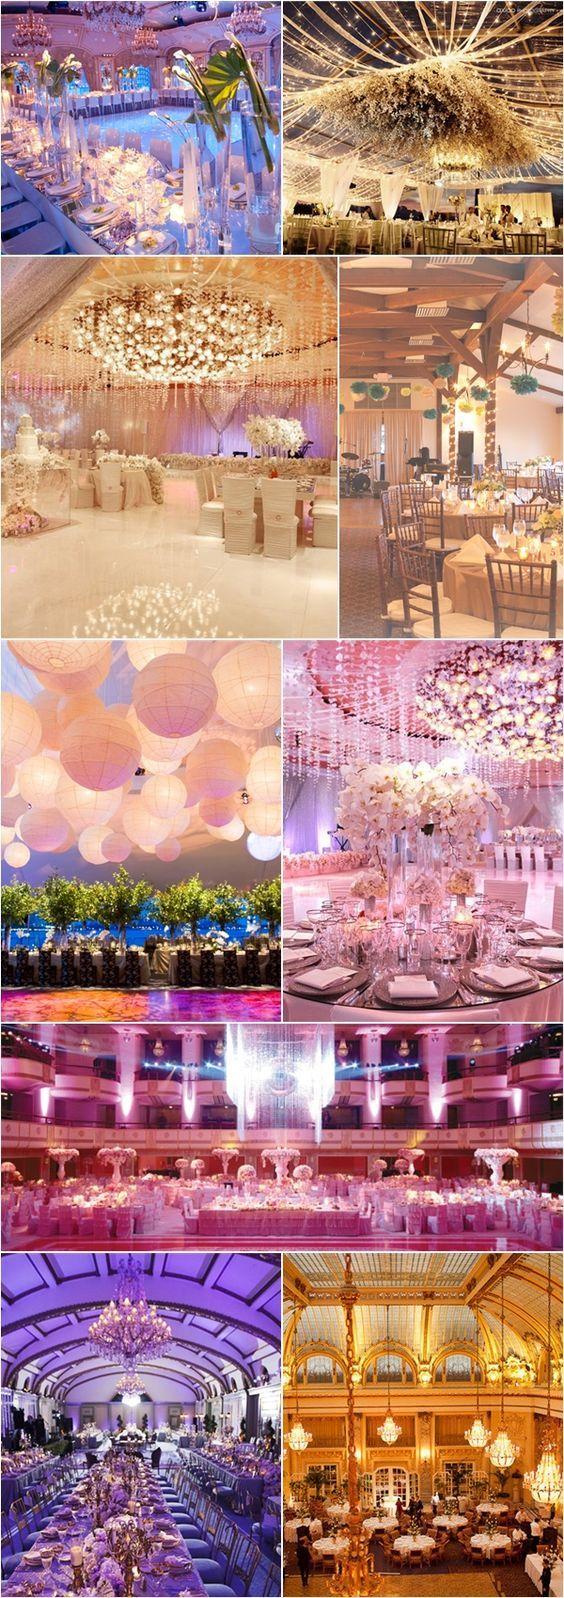 Mejores 349 imágenes de Wedding Reception Ideas en Pinterest | Bodas ...